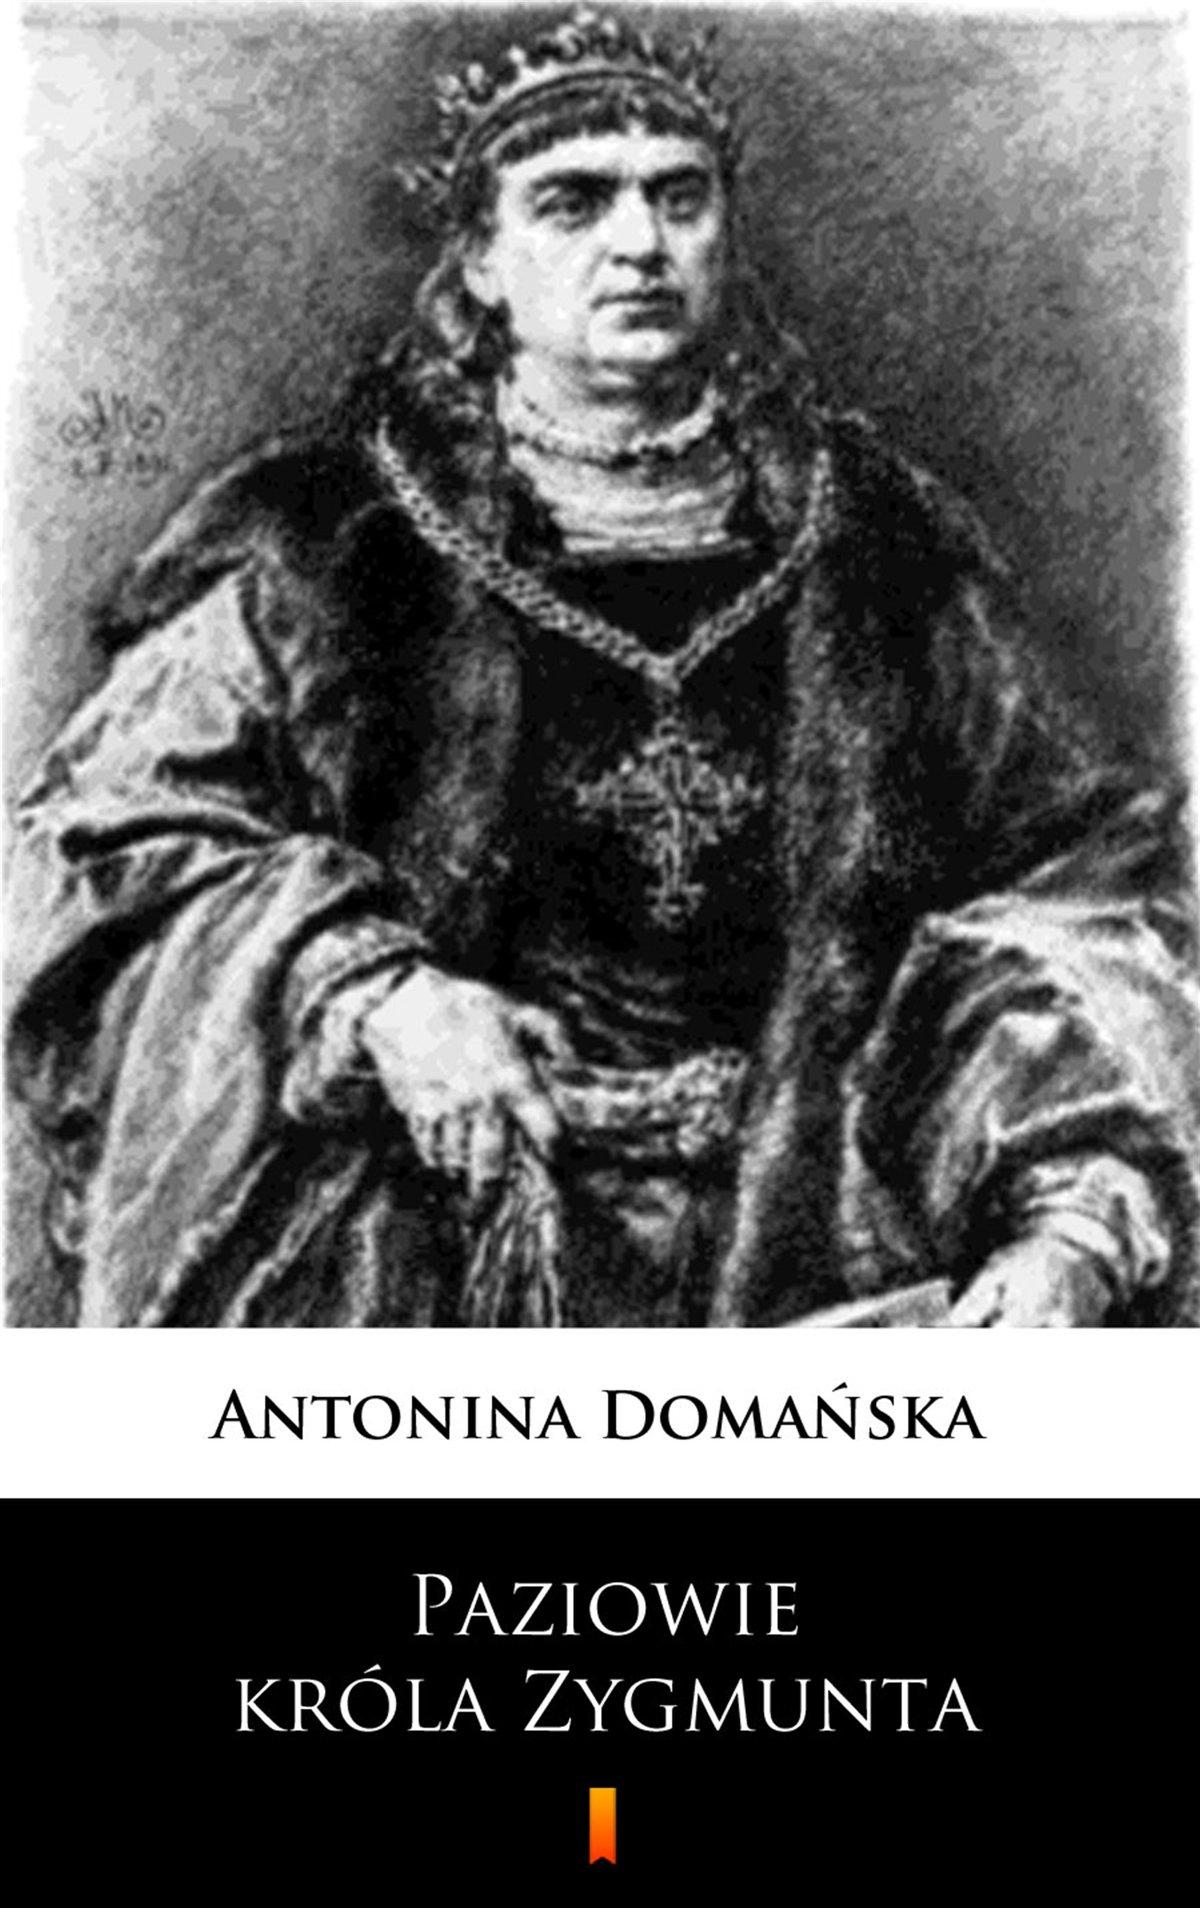 Paziowie króla Zygmunta - Ebook (Książka na Kindle) do pobrania w formacie MOBI